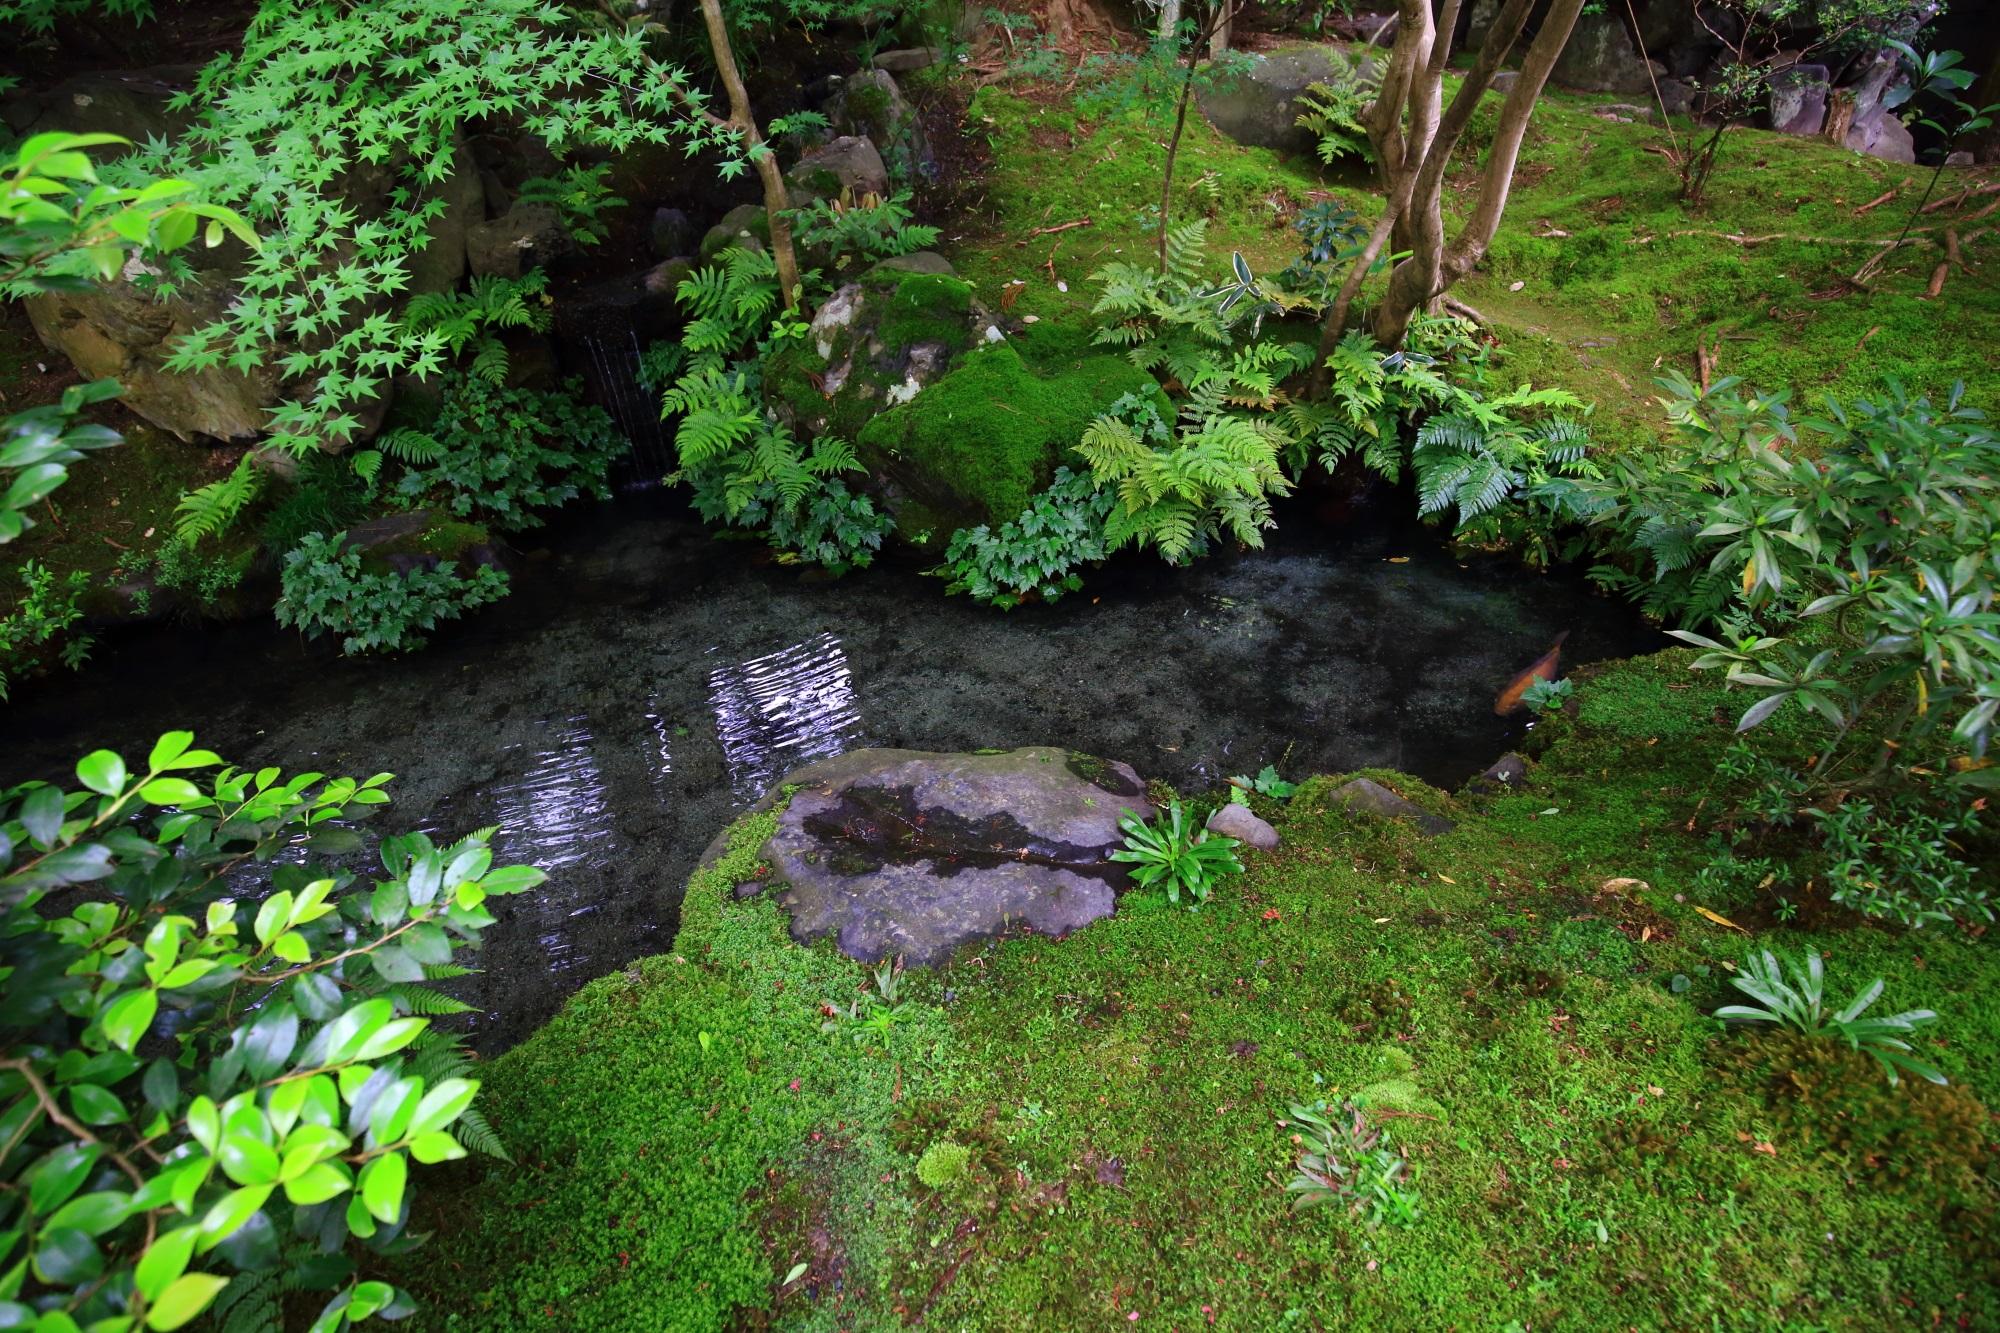 るりこういんの玄関前の綺麗な池と苔